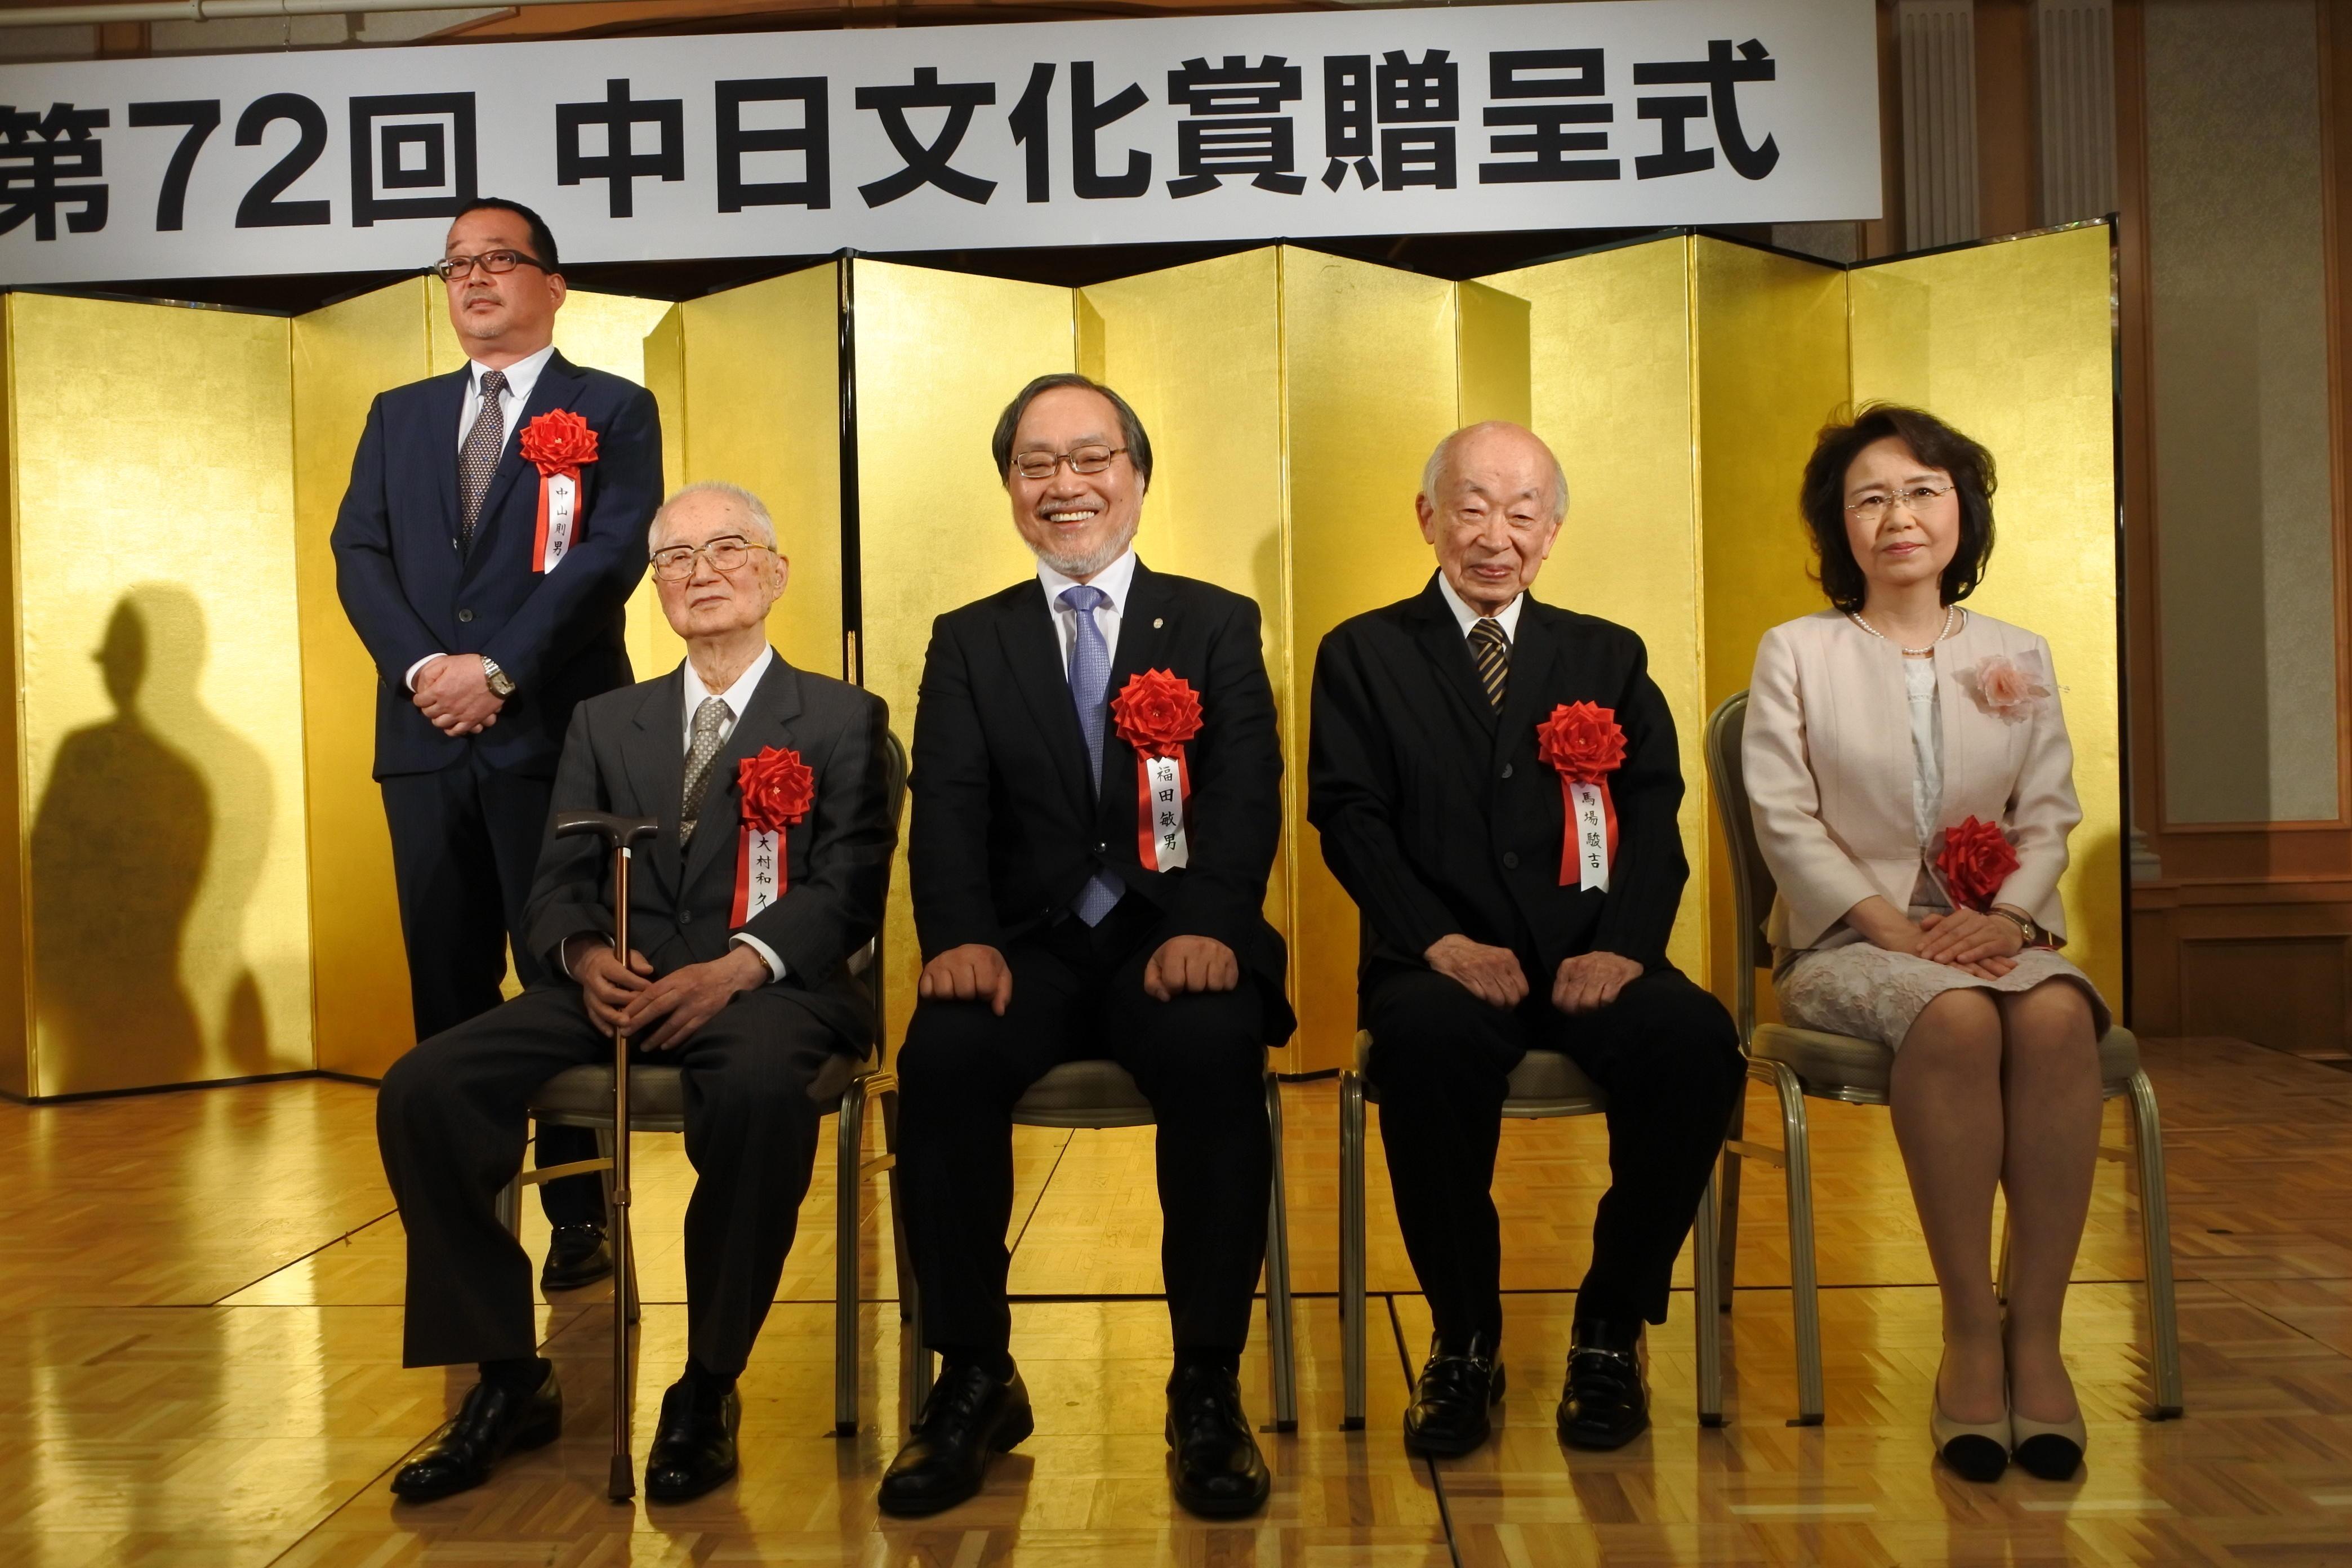 中日文化賞贈呈式で他の受賞者・団体と記念写真